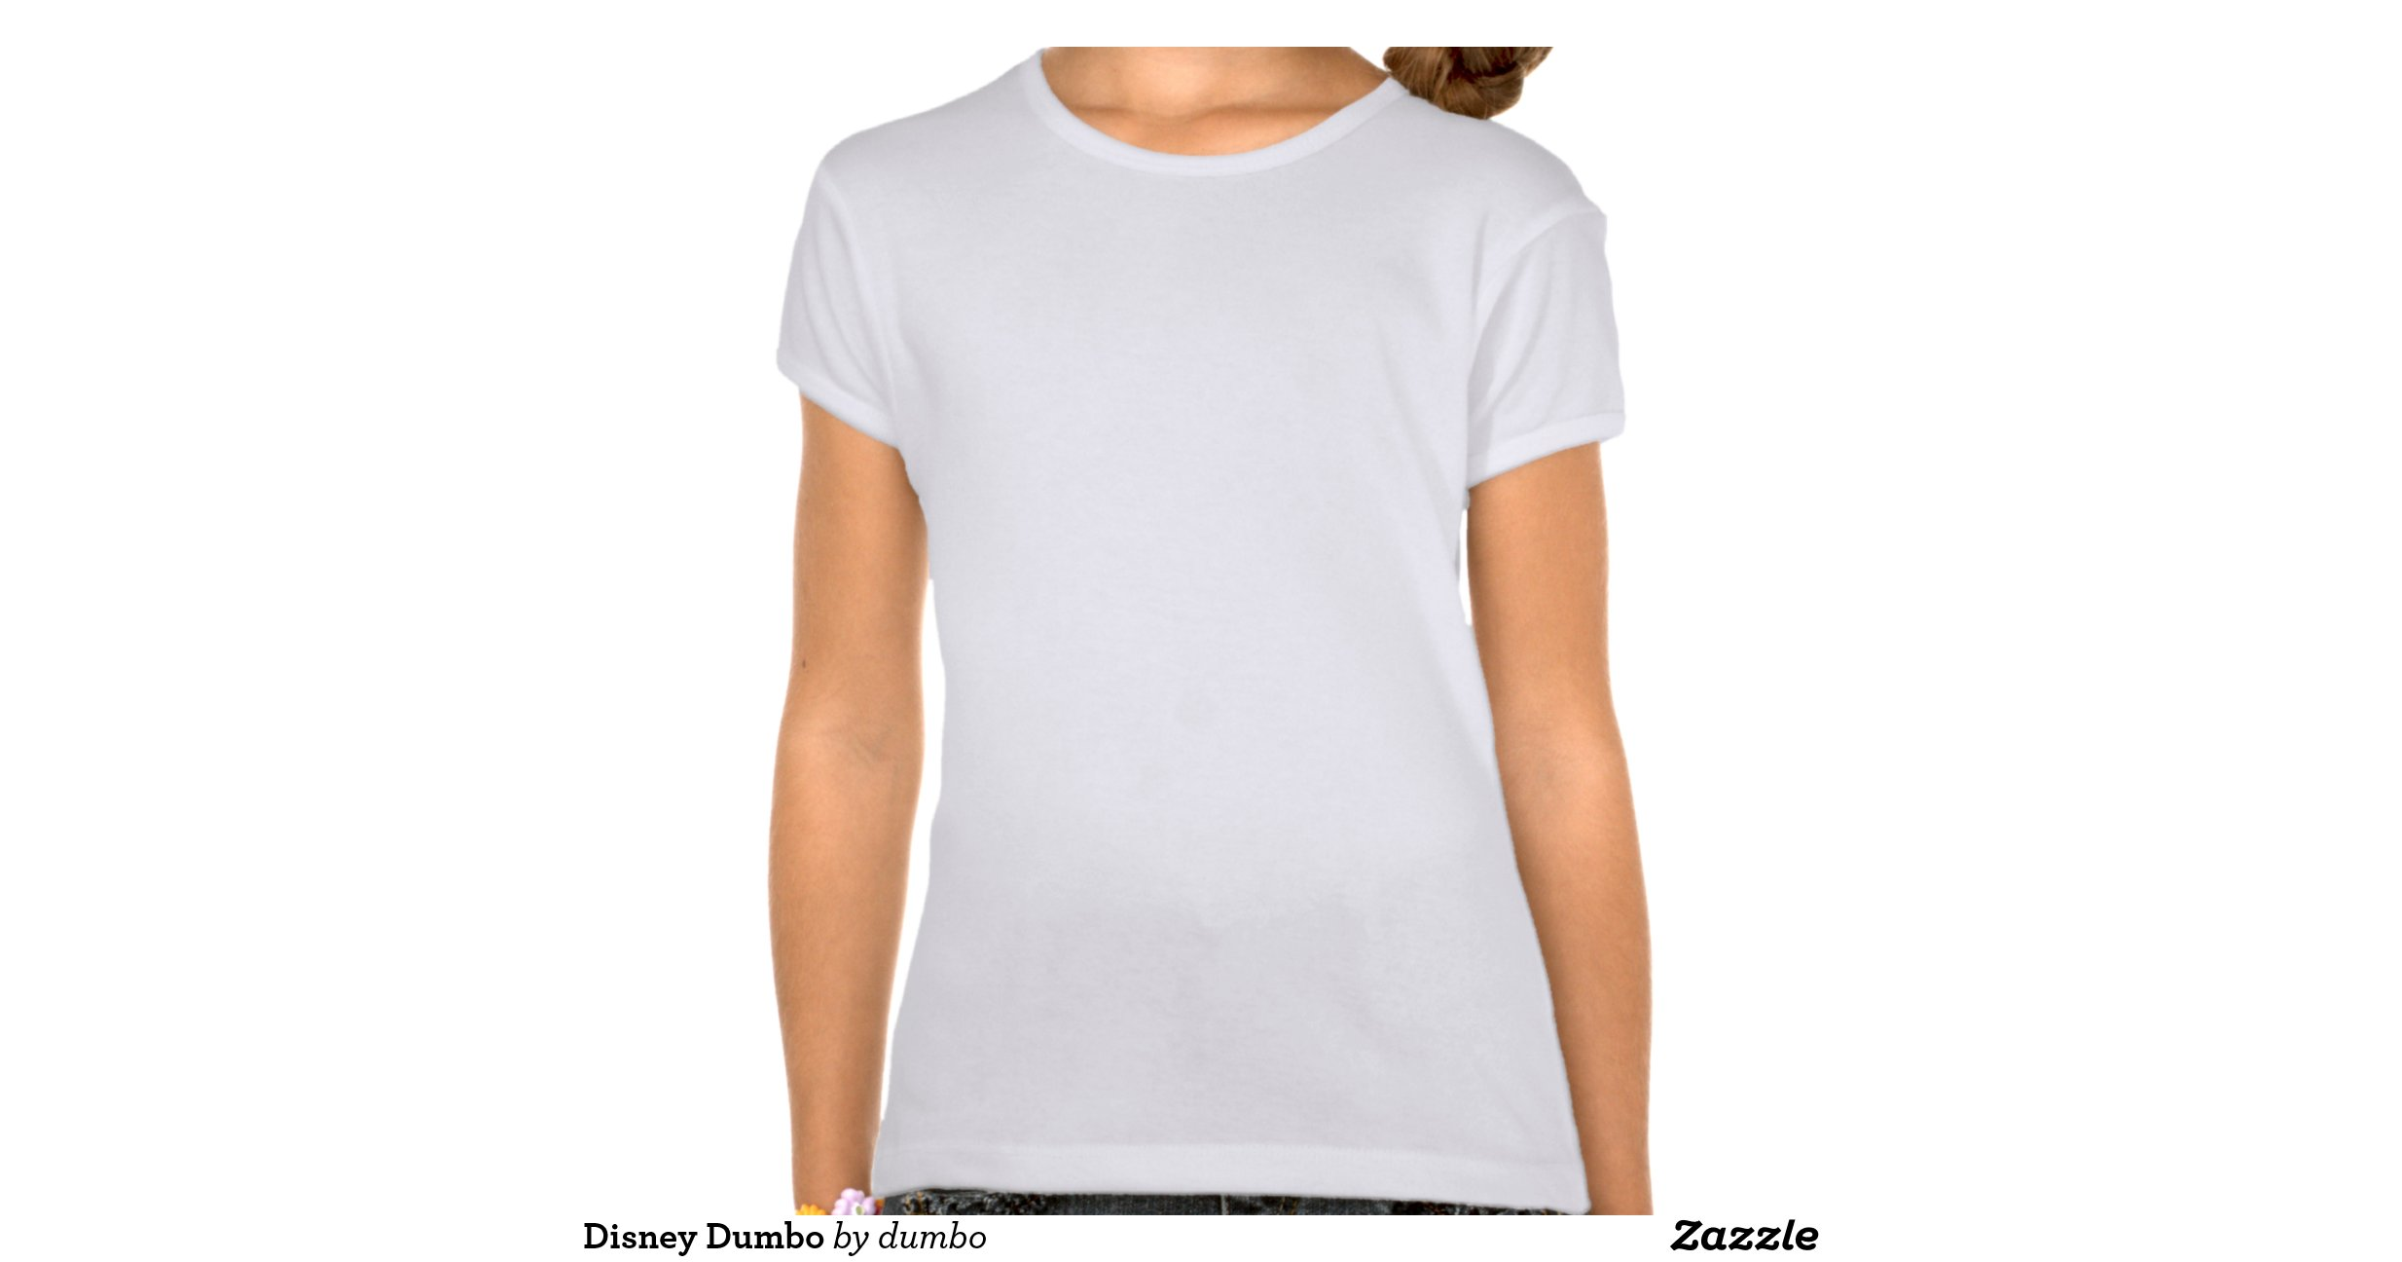 disney dumbo t shirt rb5c053be4dc24e68a1ae137e64b8492b. Black Bedroom Furniture Sets. Home Design Ideas